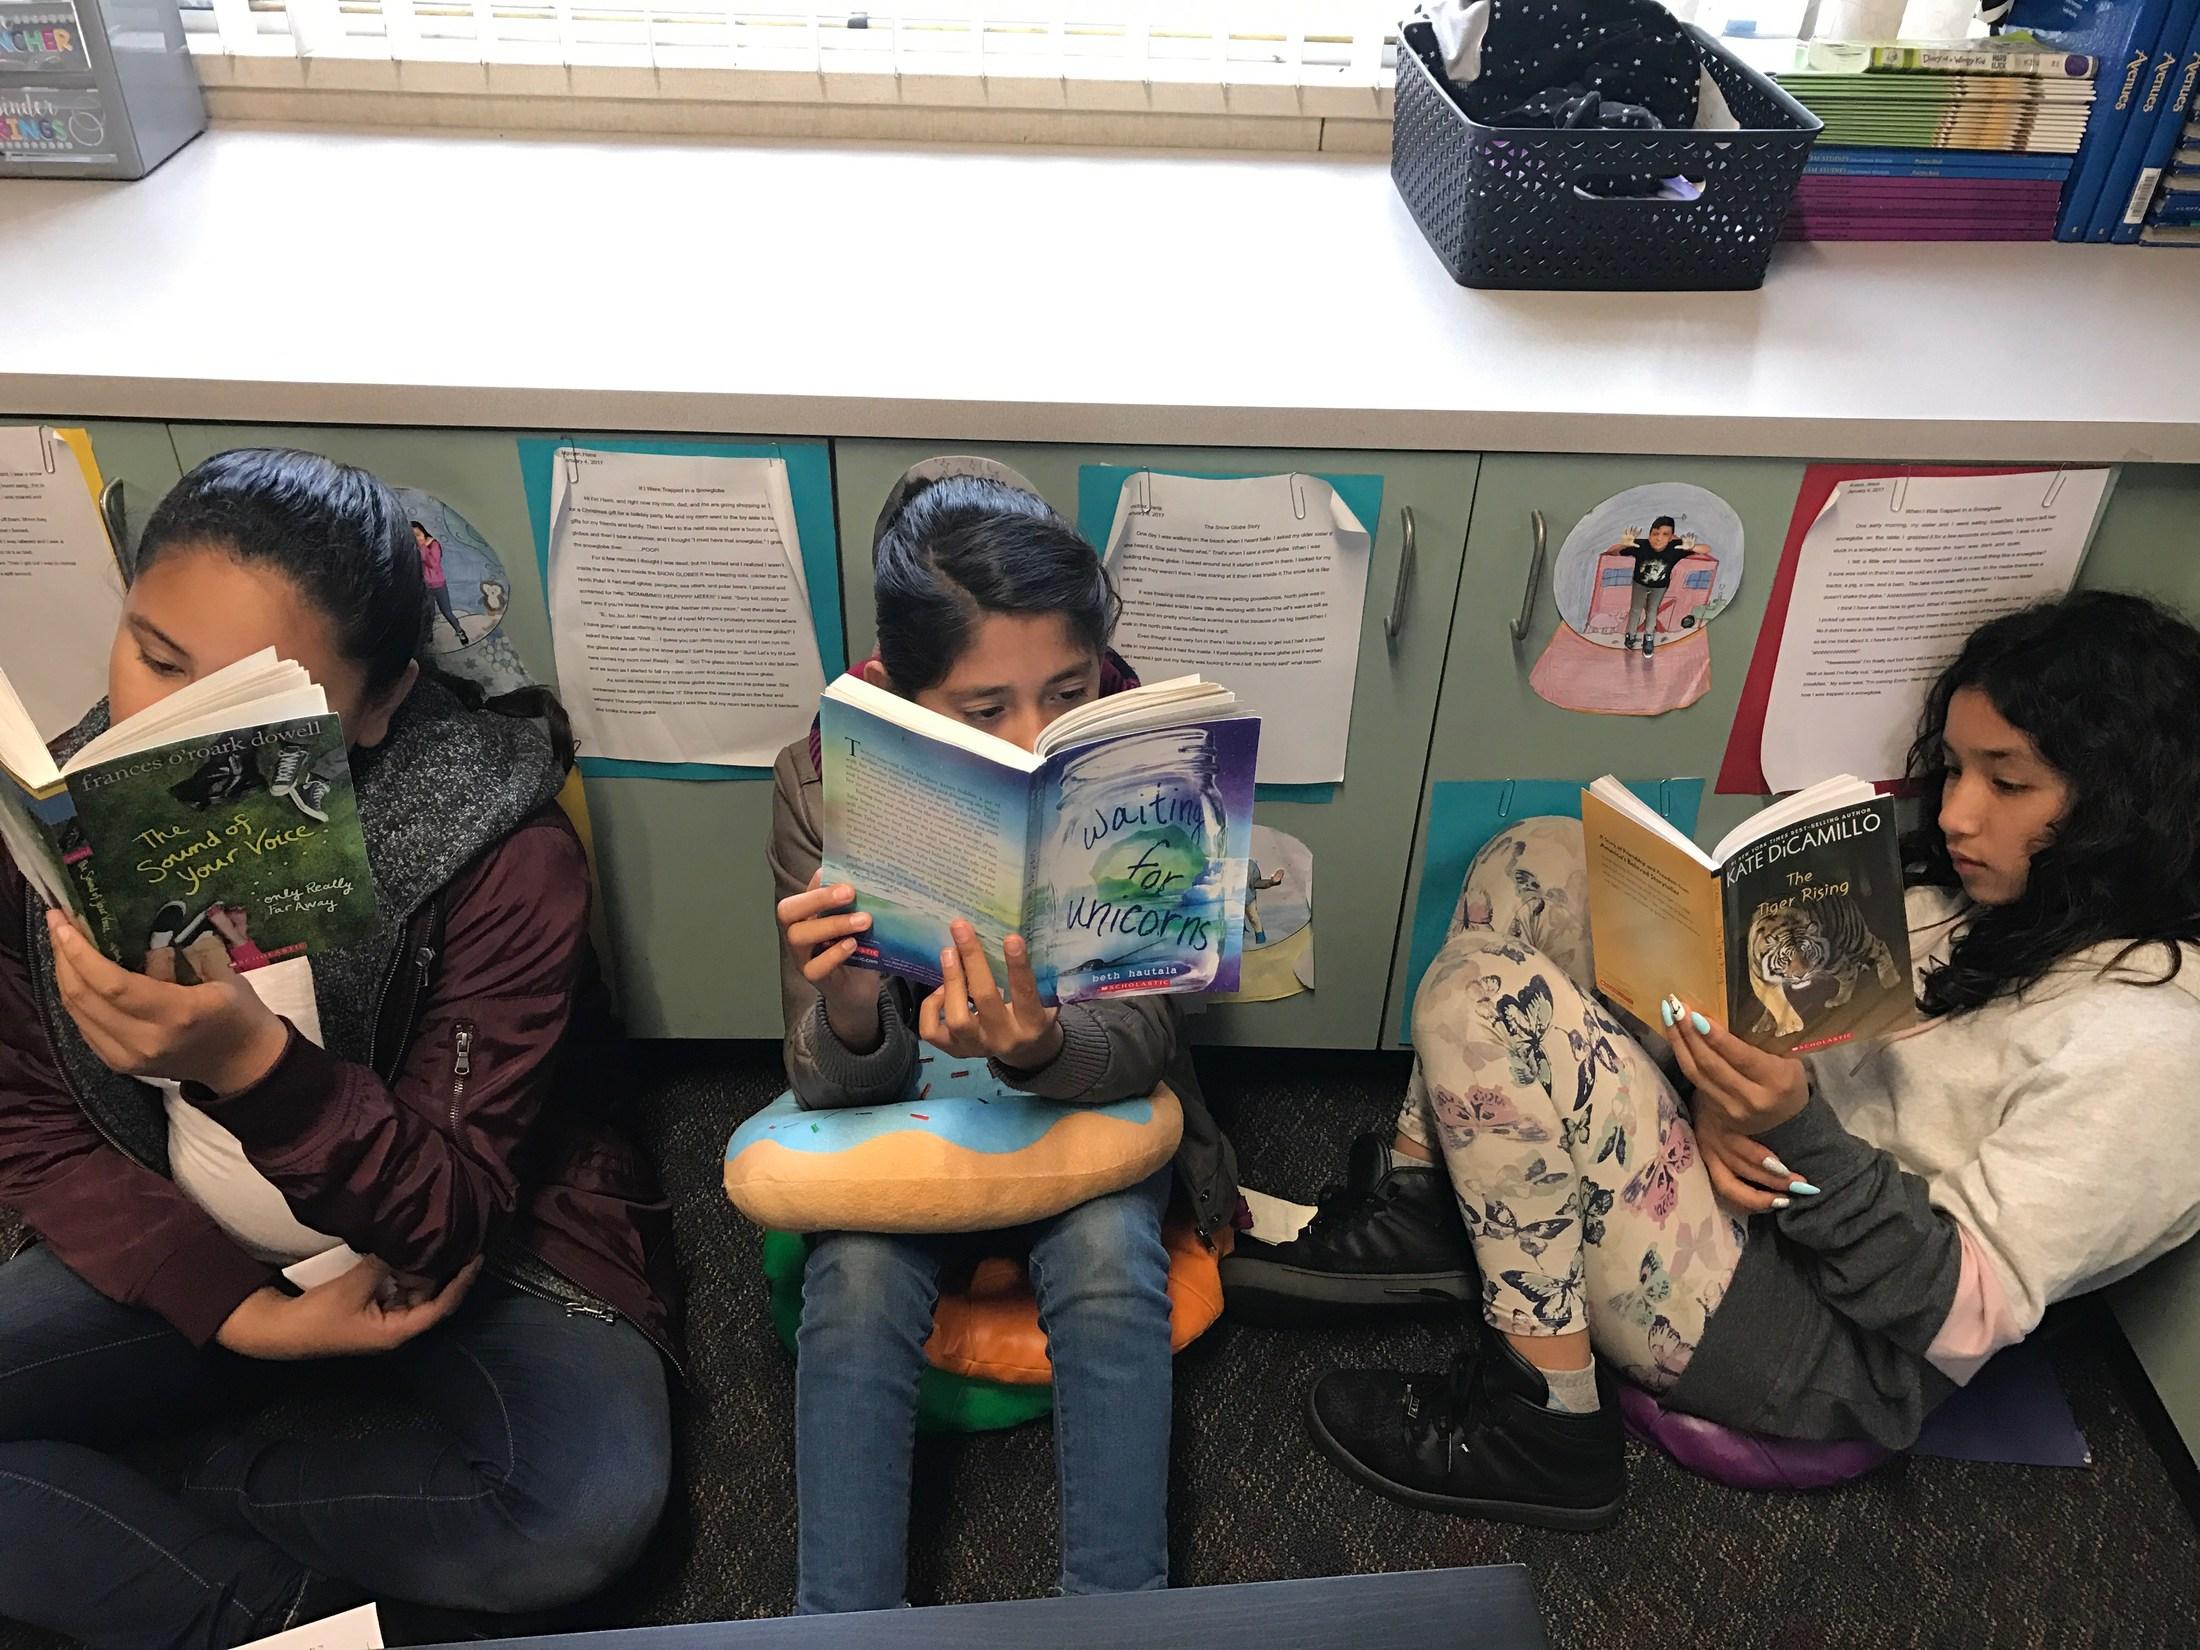 #kidsarereading